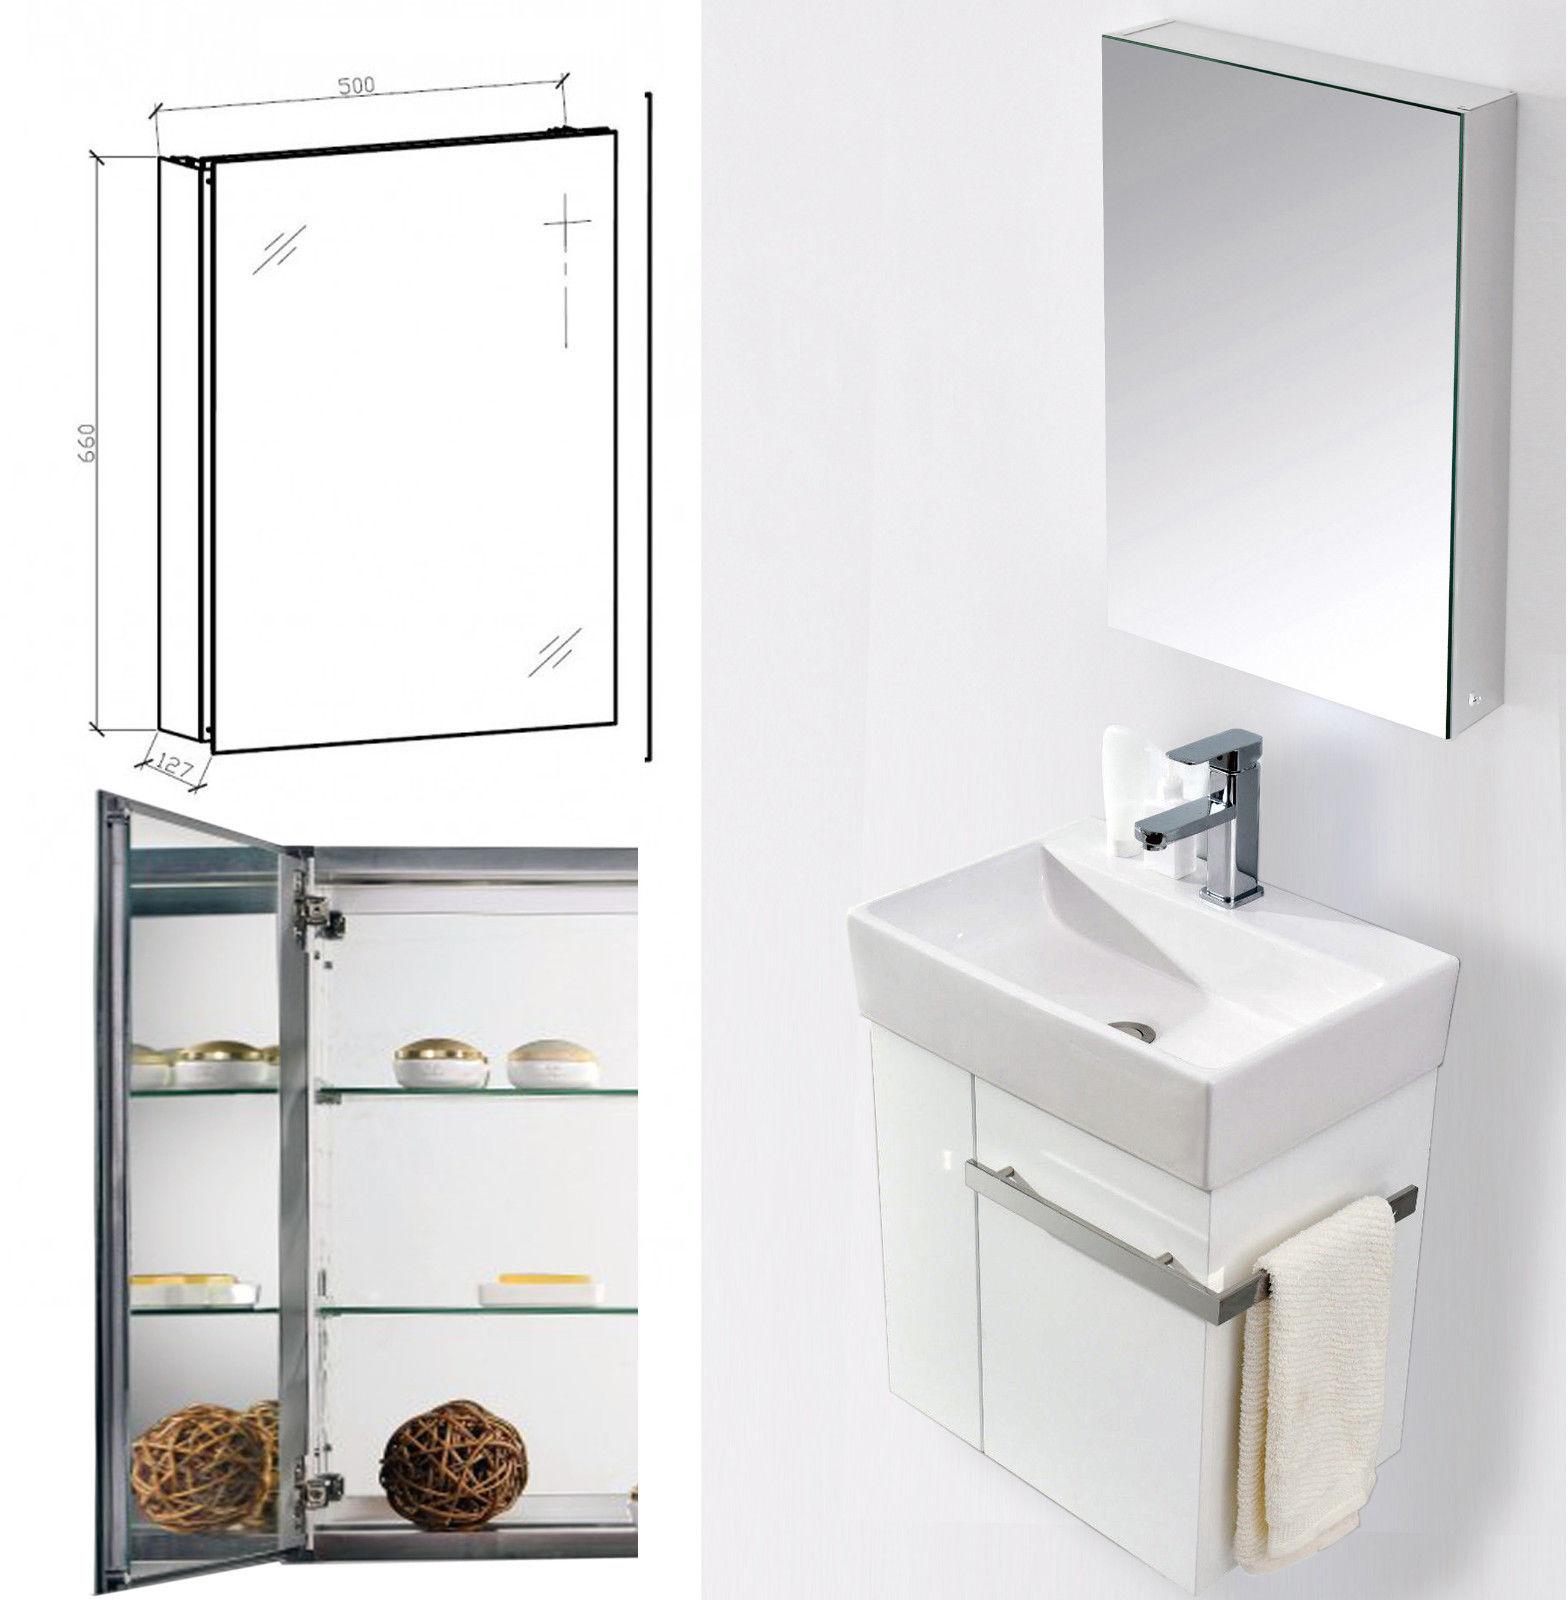 Aluminium-Spiegelschrank G500 - innen und außen Spiegel